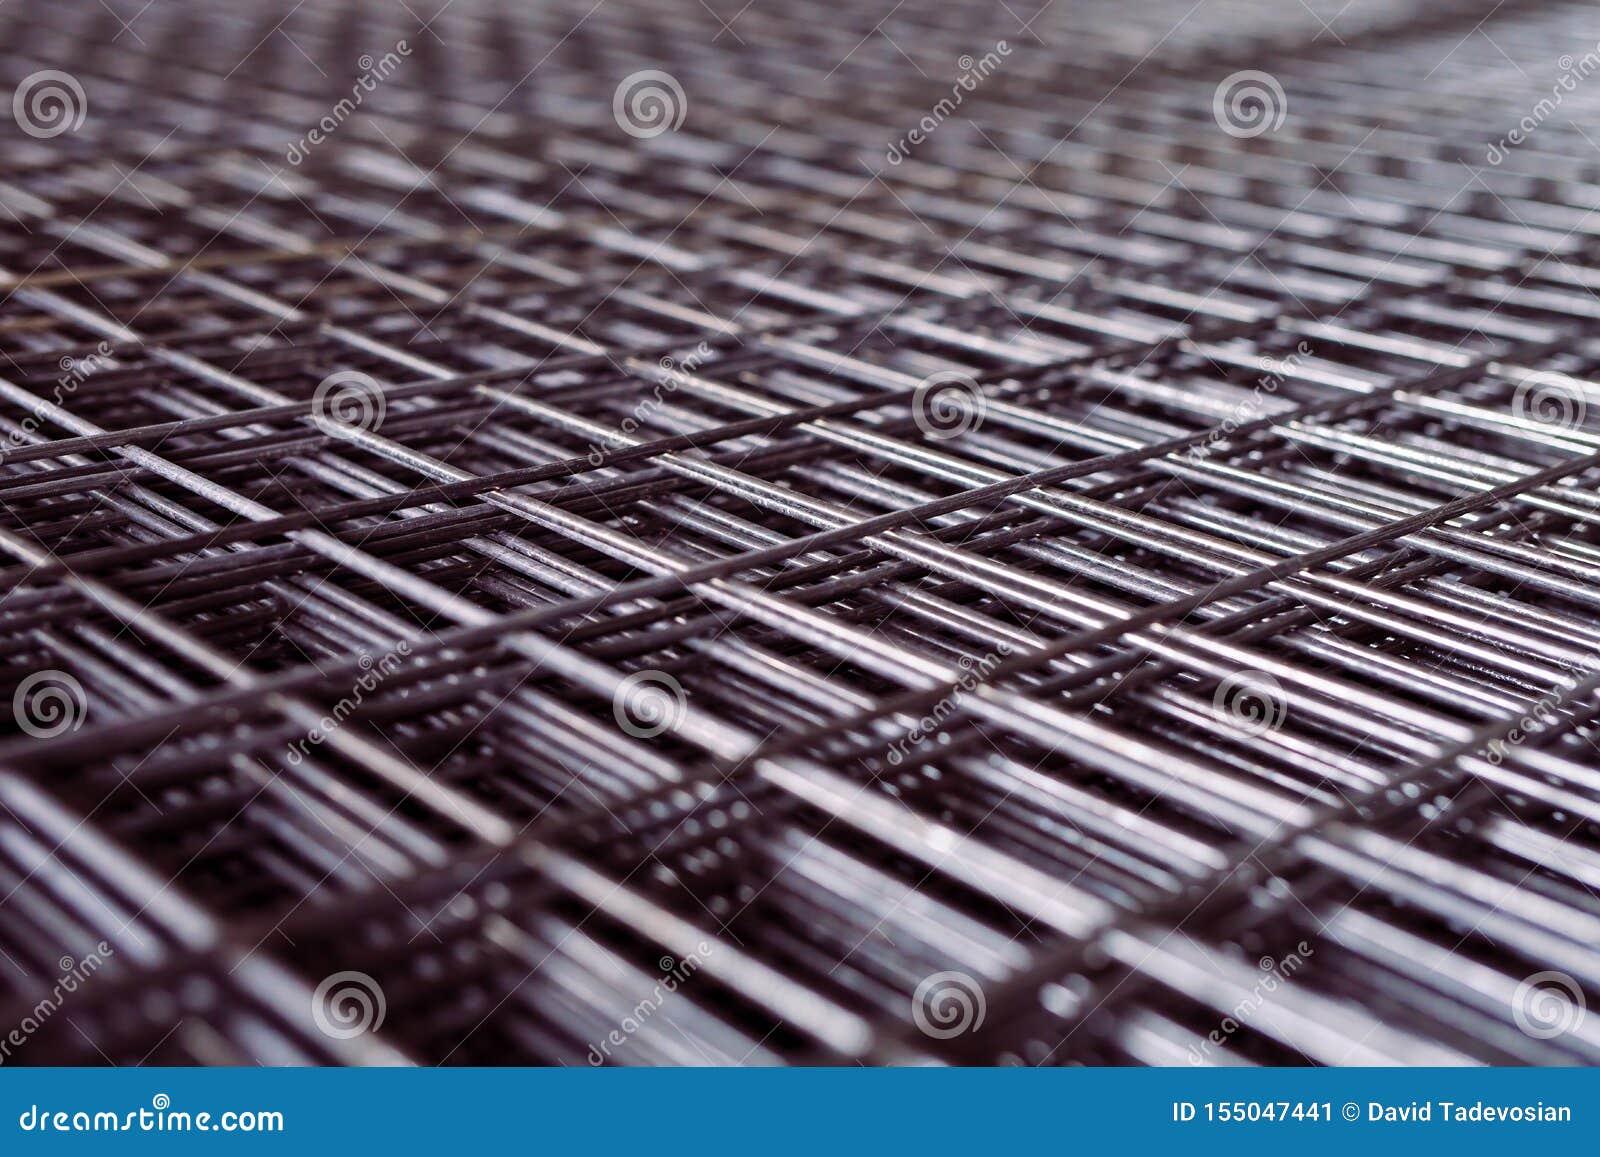 Πλέγμα μετάλλων Βαριά παραγωγή βιομηχανίας Κυλώντας εγκαταστάσεις μετάλλων